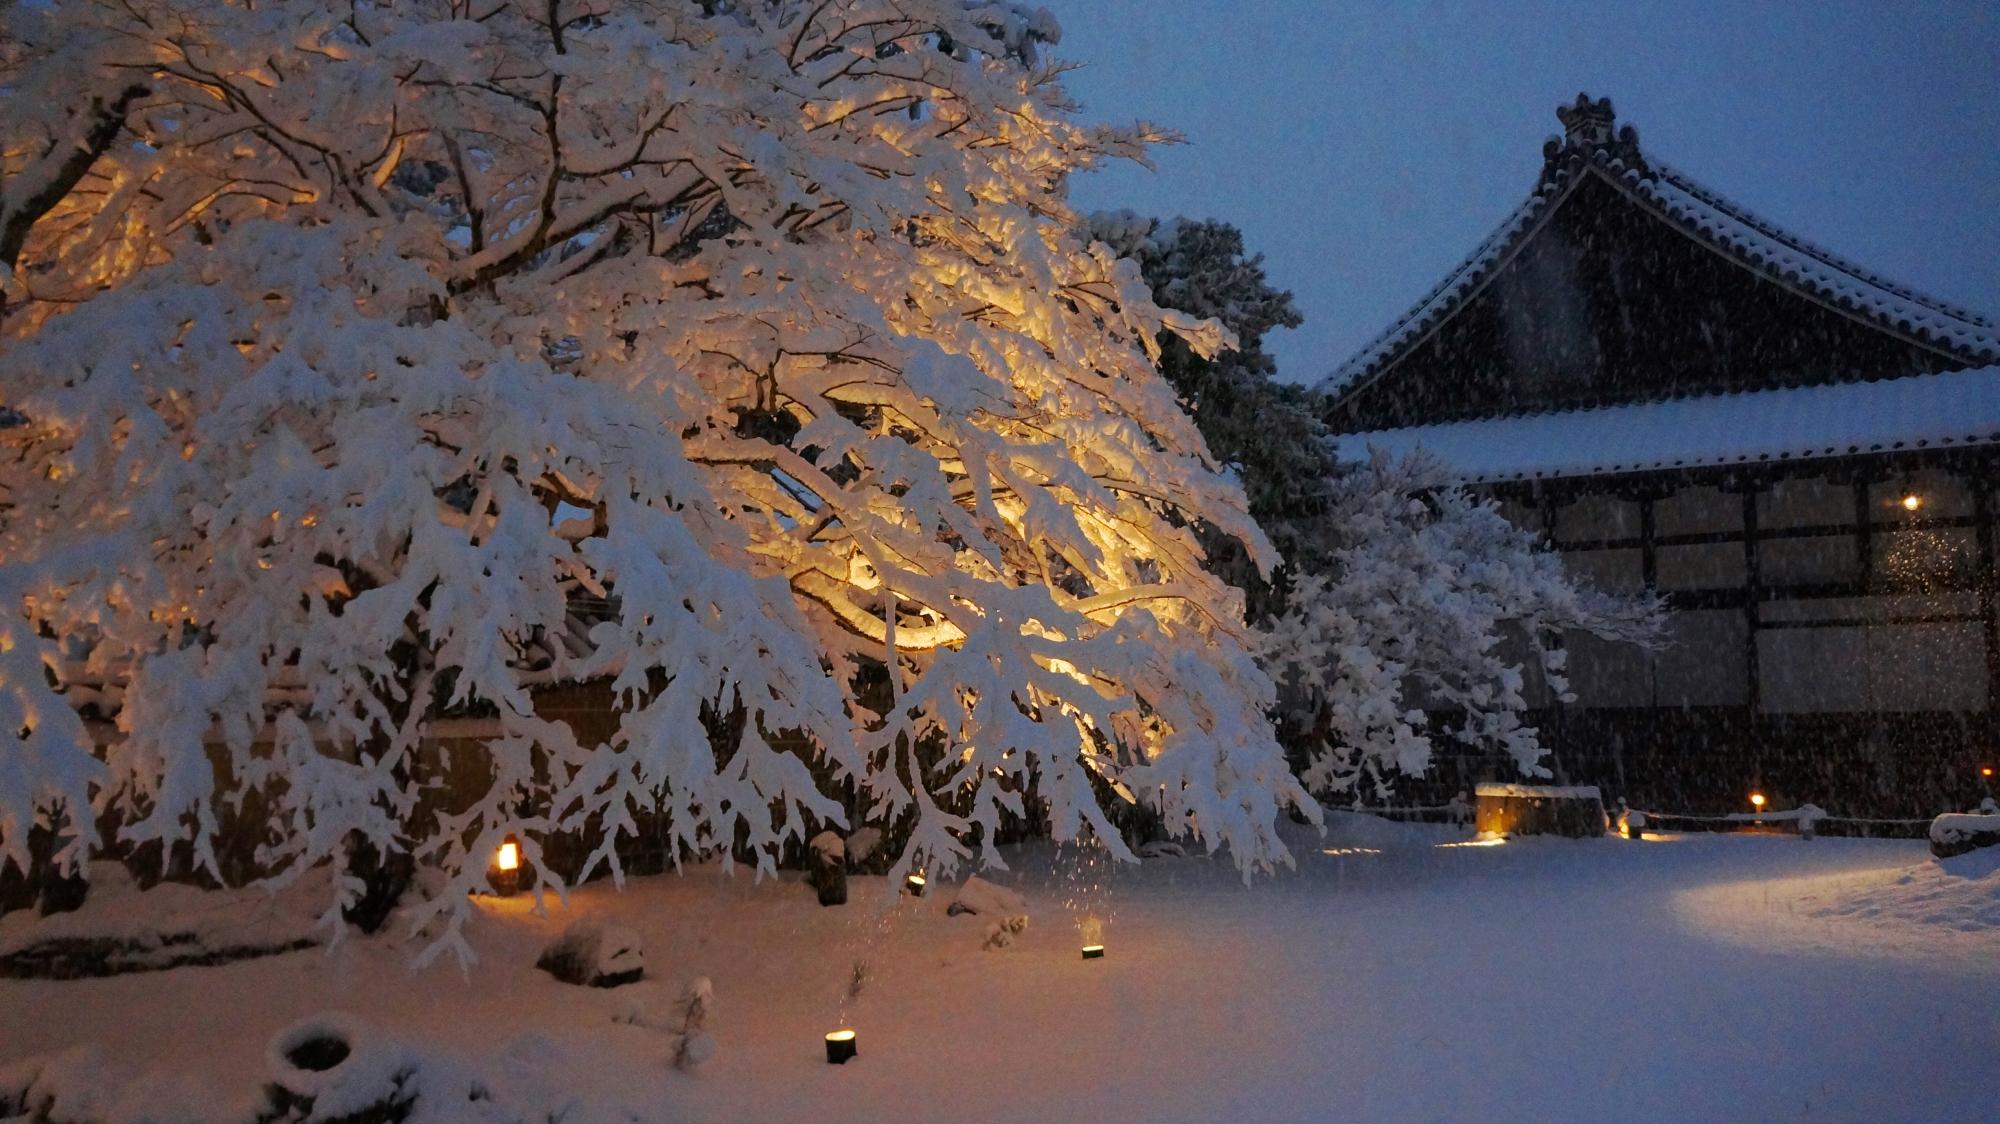 高台寺の方丈と庭園ともみじの雪景色